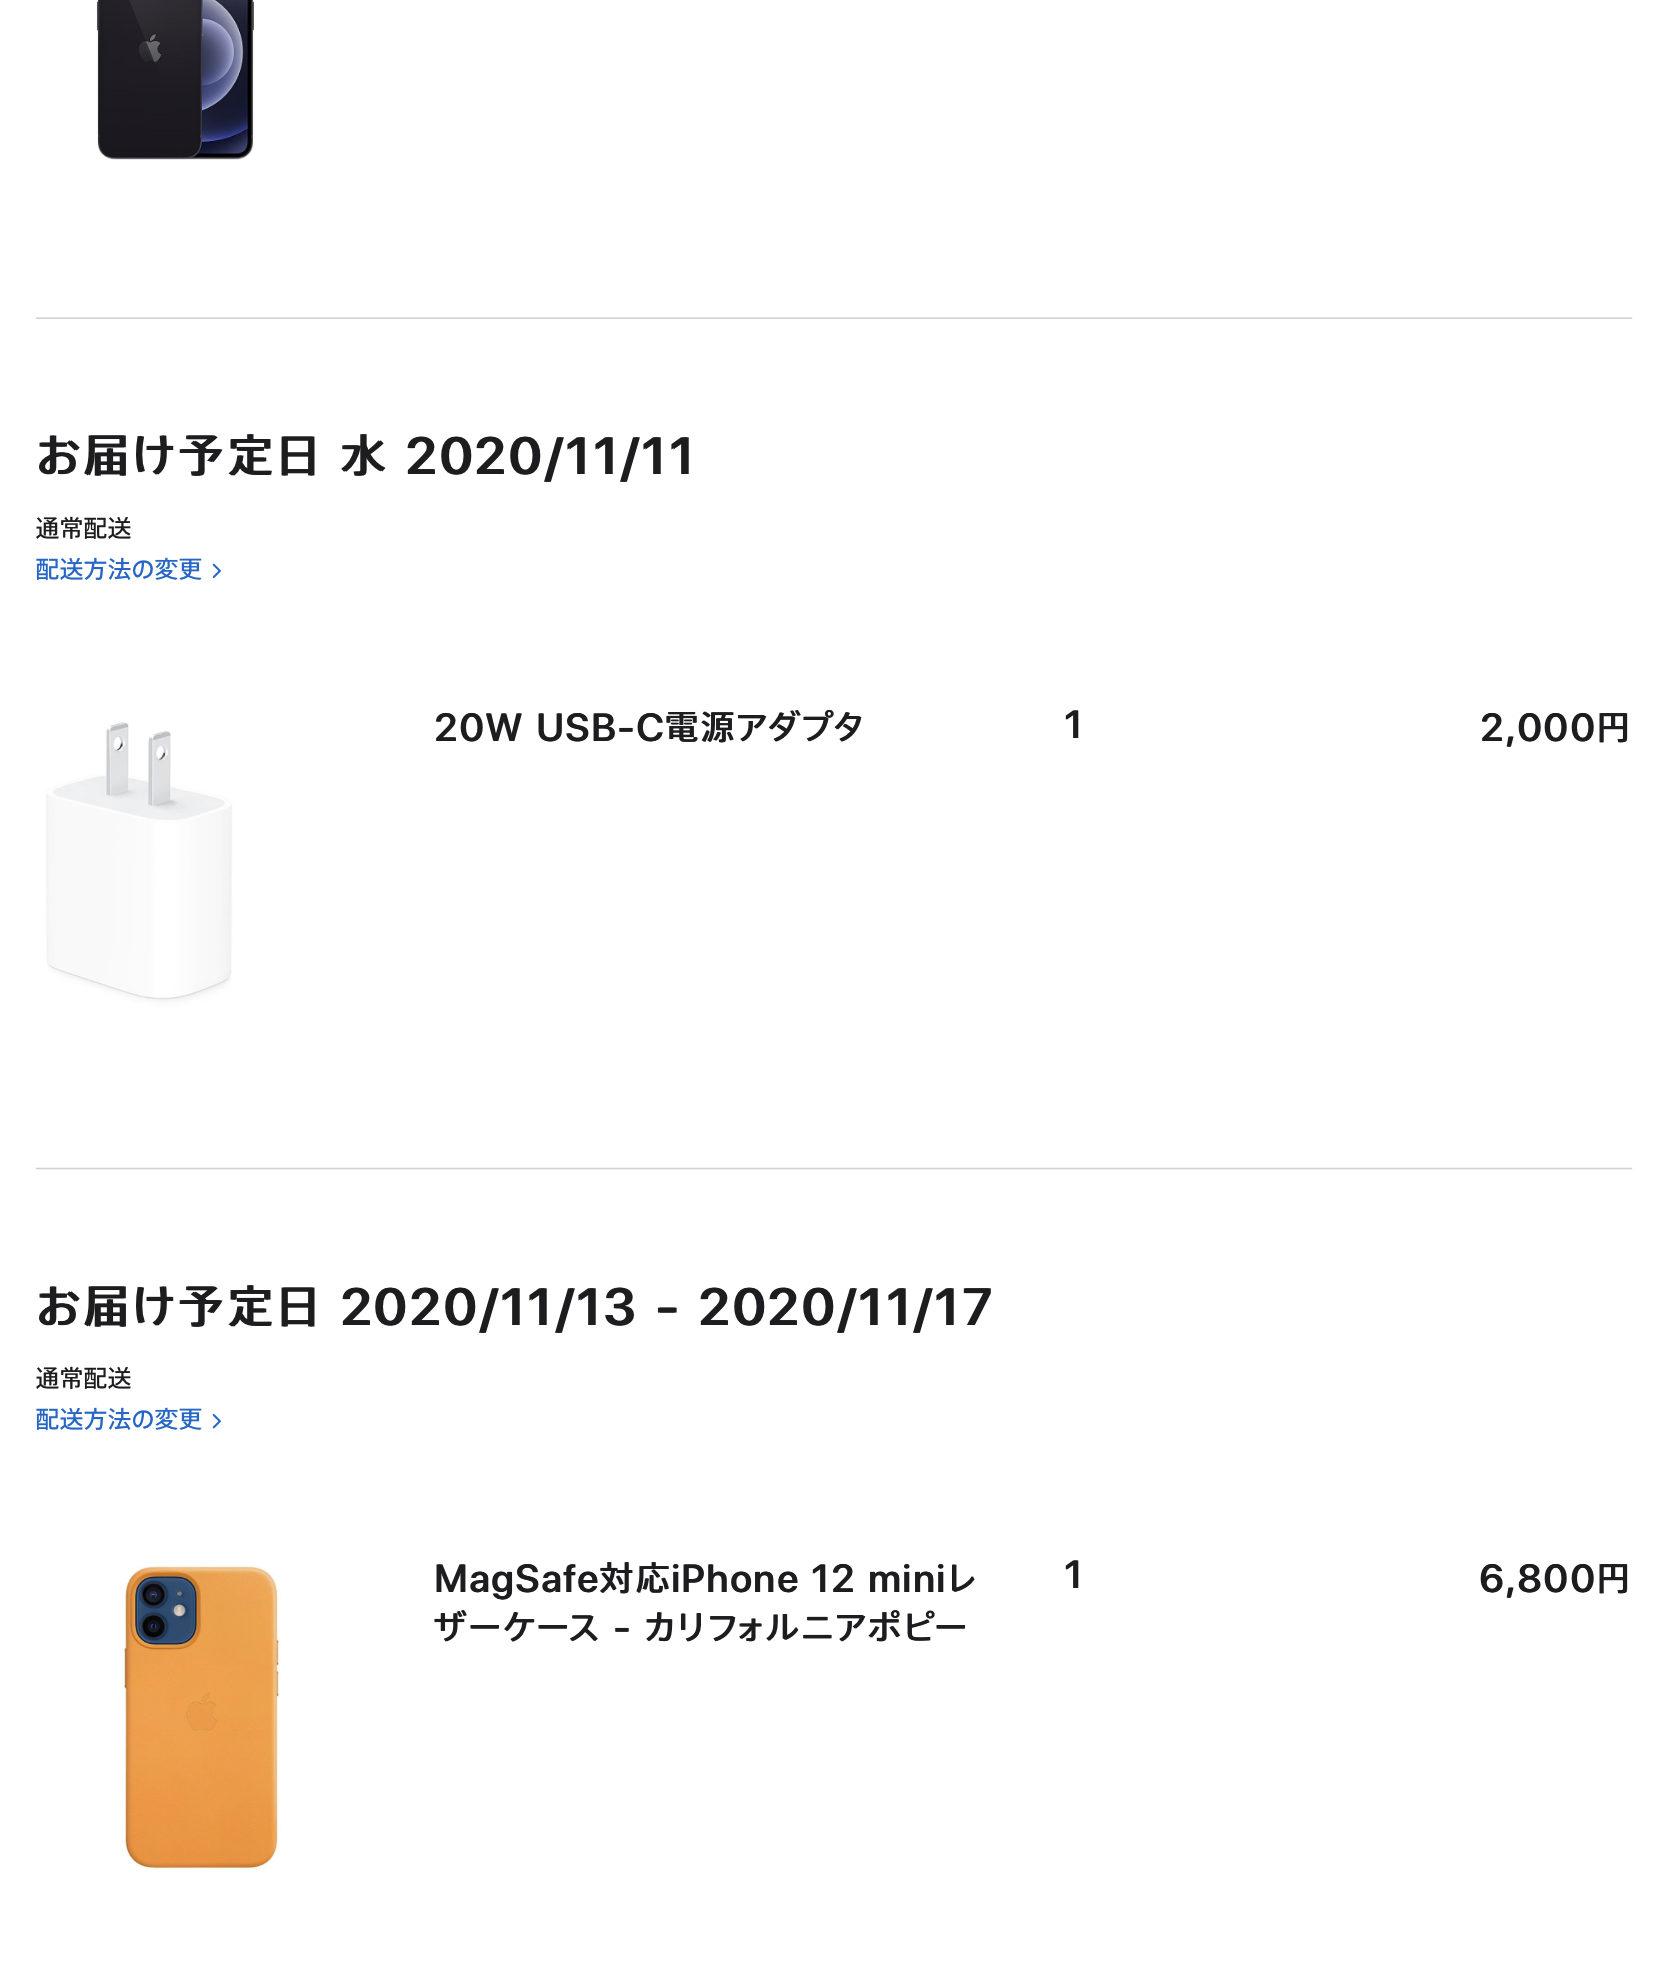 iPhone 12 miniと同時に購入したアクセサリ